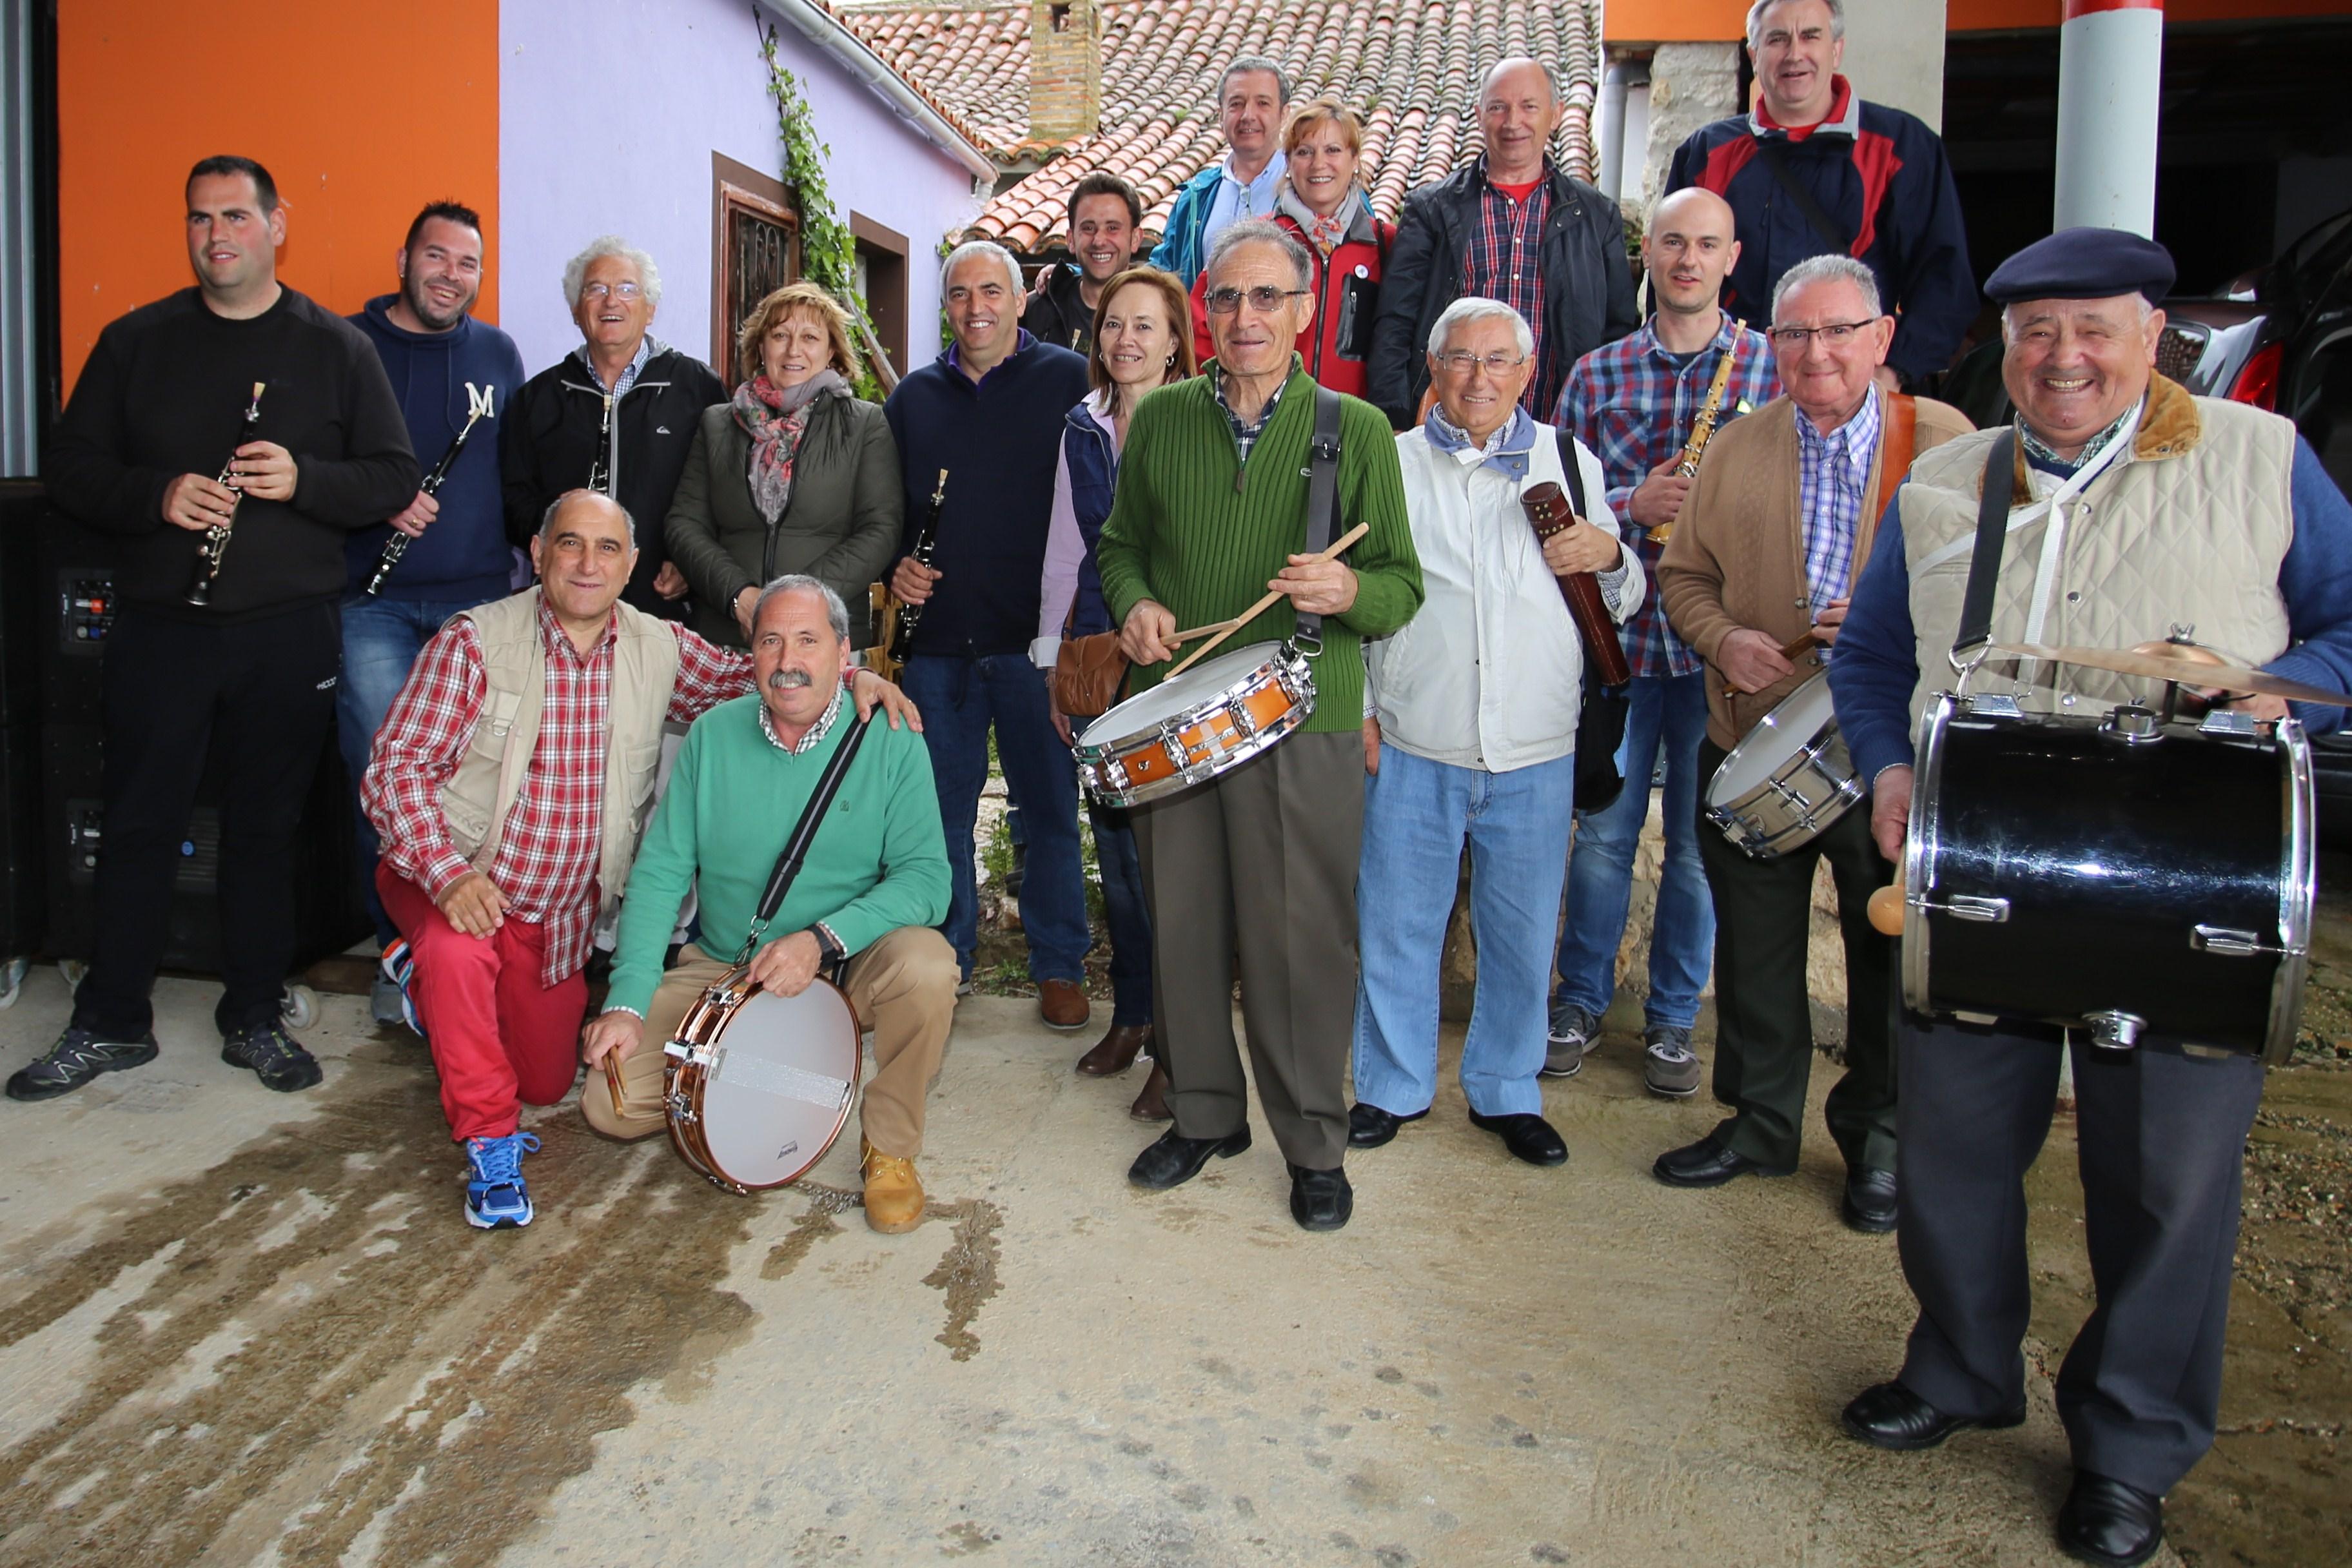 Dulzaineros participantes en el encuentro dedicado a Esteban Guzon y Jose Maria Silva